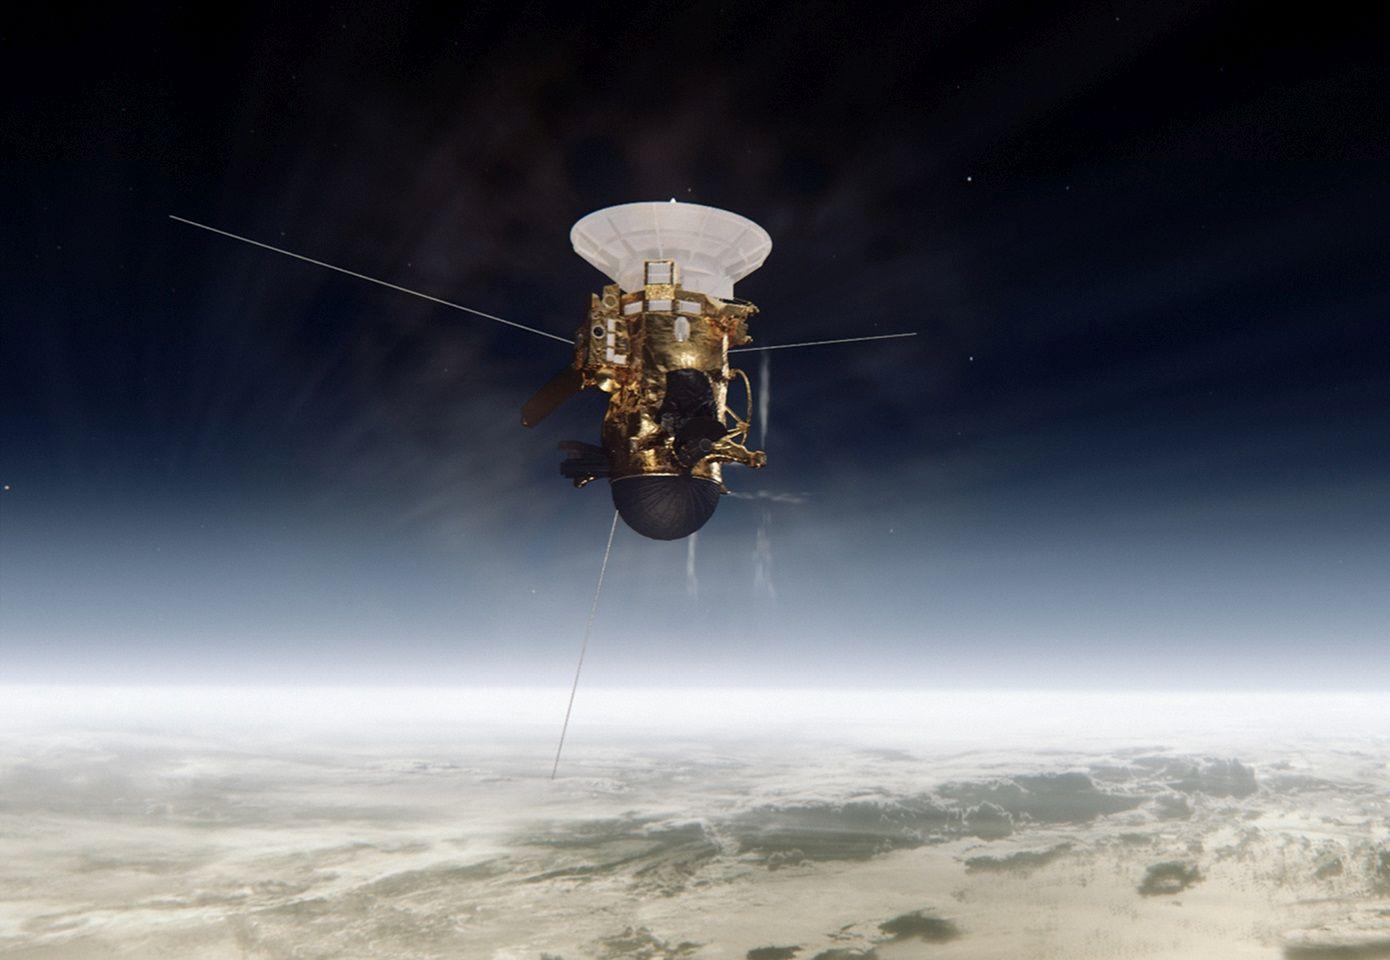 VIDEO! Laupäeval esilinastub dokumentaalfilm NASA kosmoseaparaadi Cassini 13 aasta pikkusest missioonist